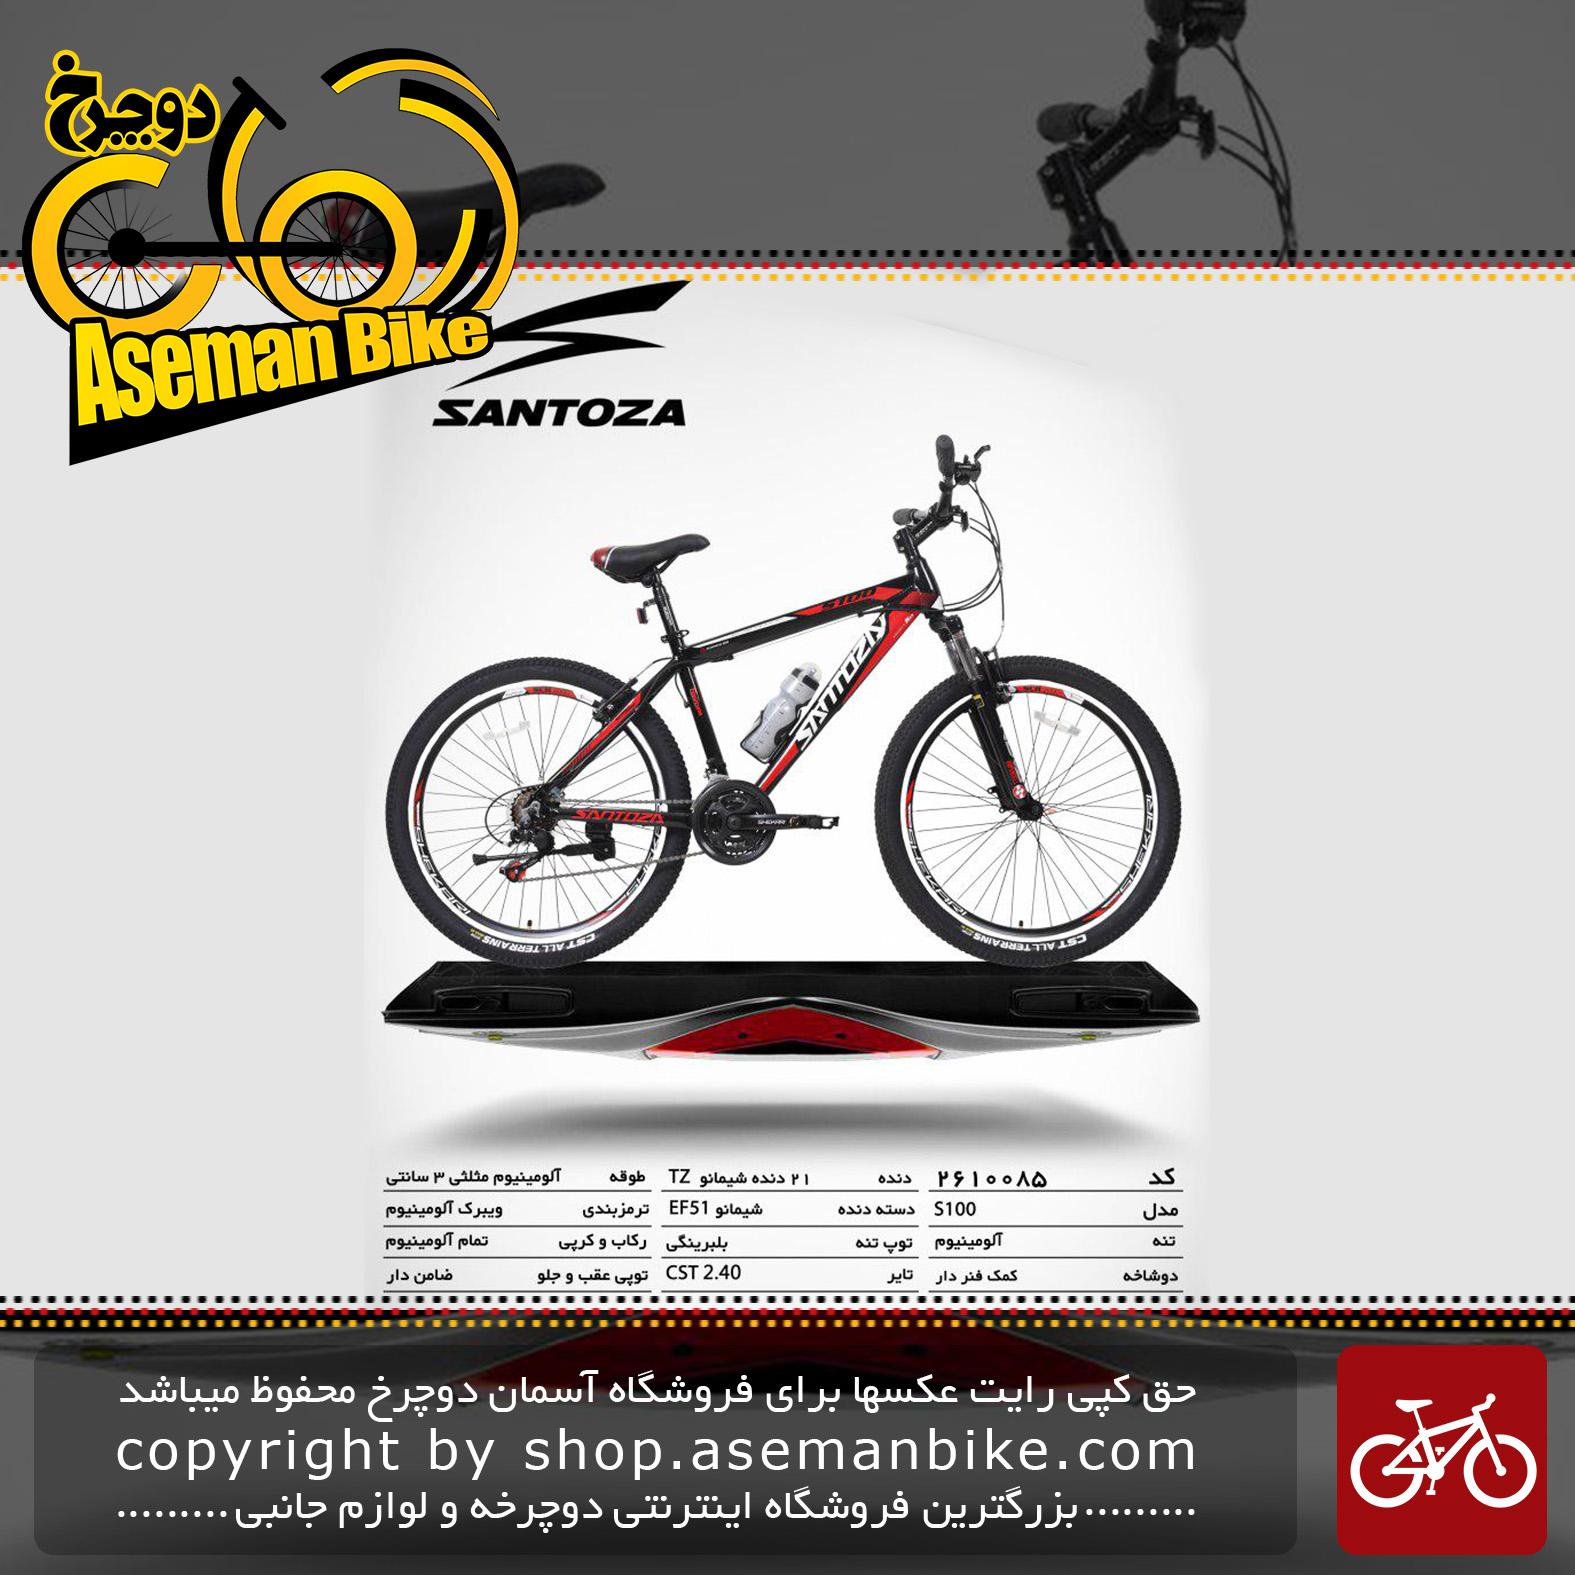 دوچرخه کوهستان سانتوزا 21 دنده شیمانو تورنی تنه آلومینیوم سایز 26مدل اس100 santoza bicycle 26 21 speed shimano tourney tz aluminum vb s100 2019